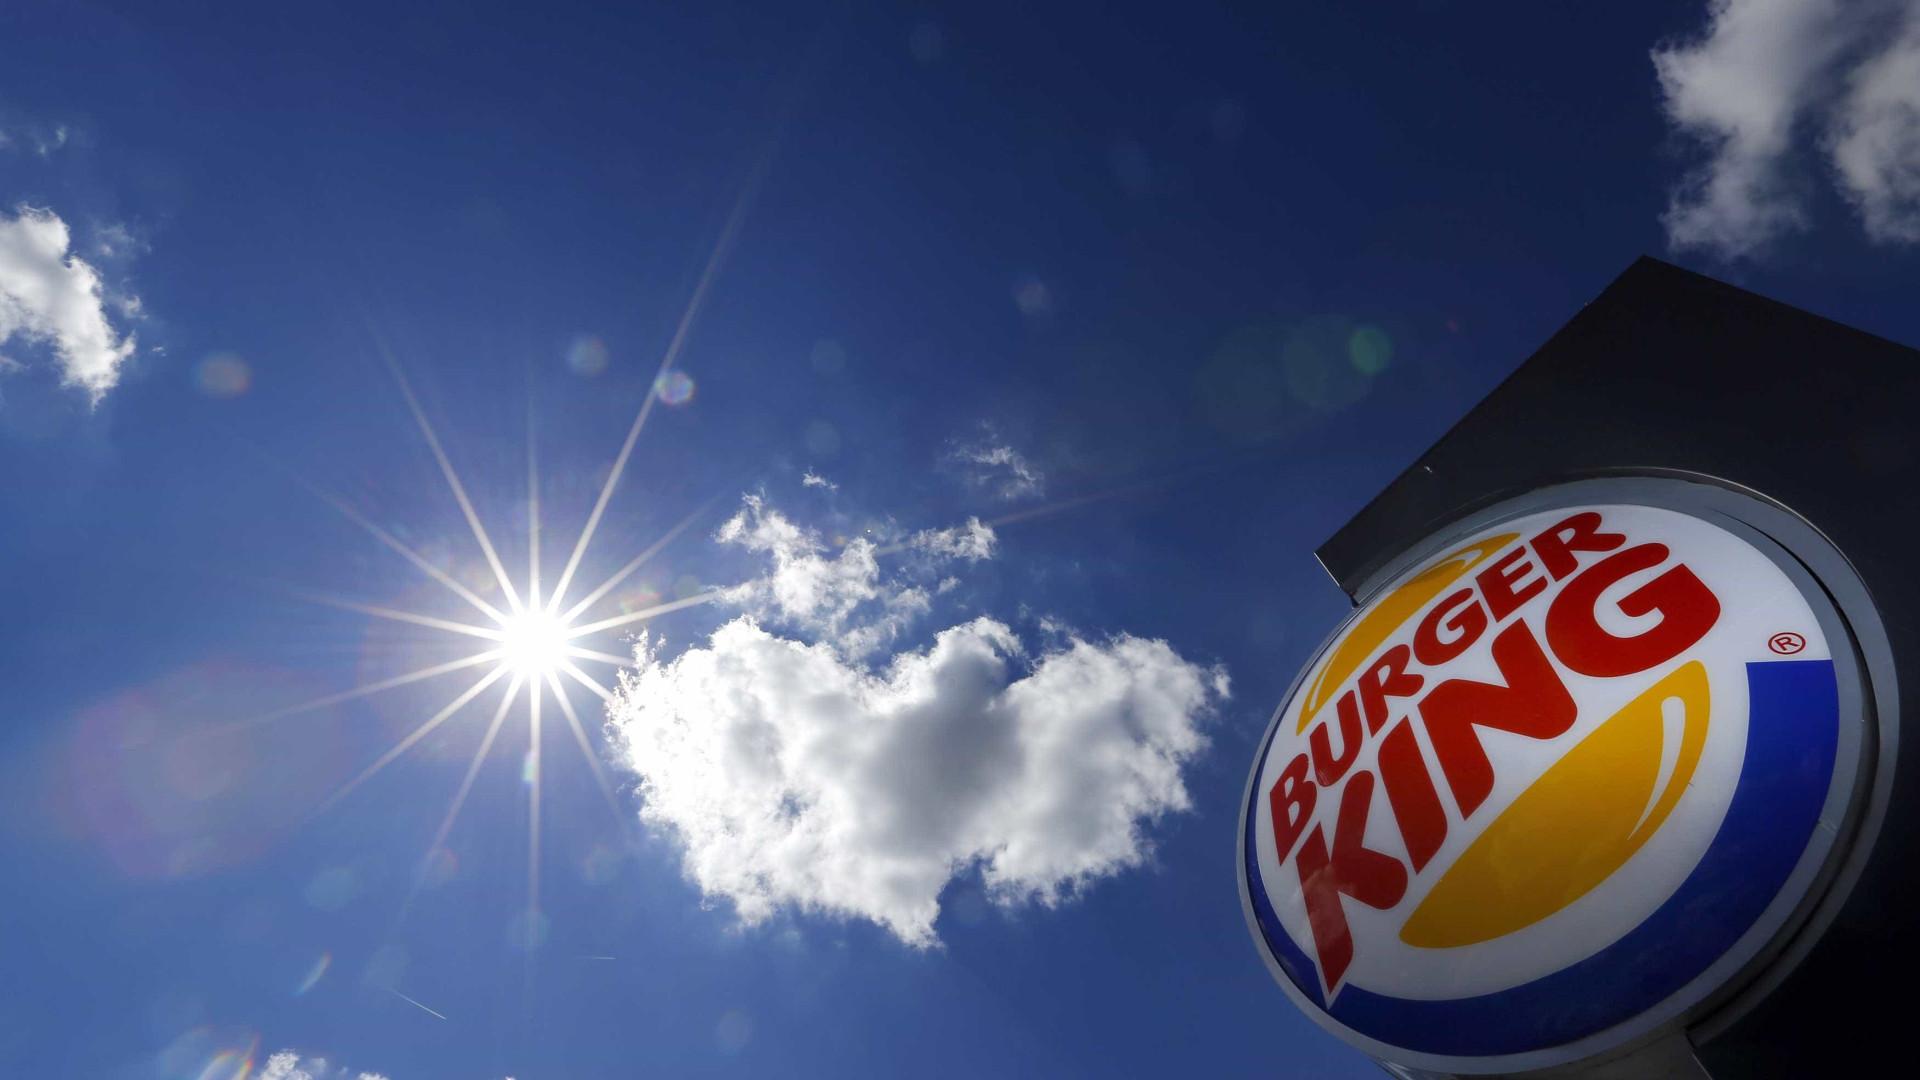 Cliente é chamado de macaco por funcionário do Burger King em SP